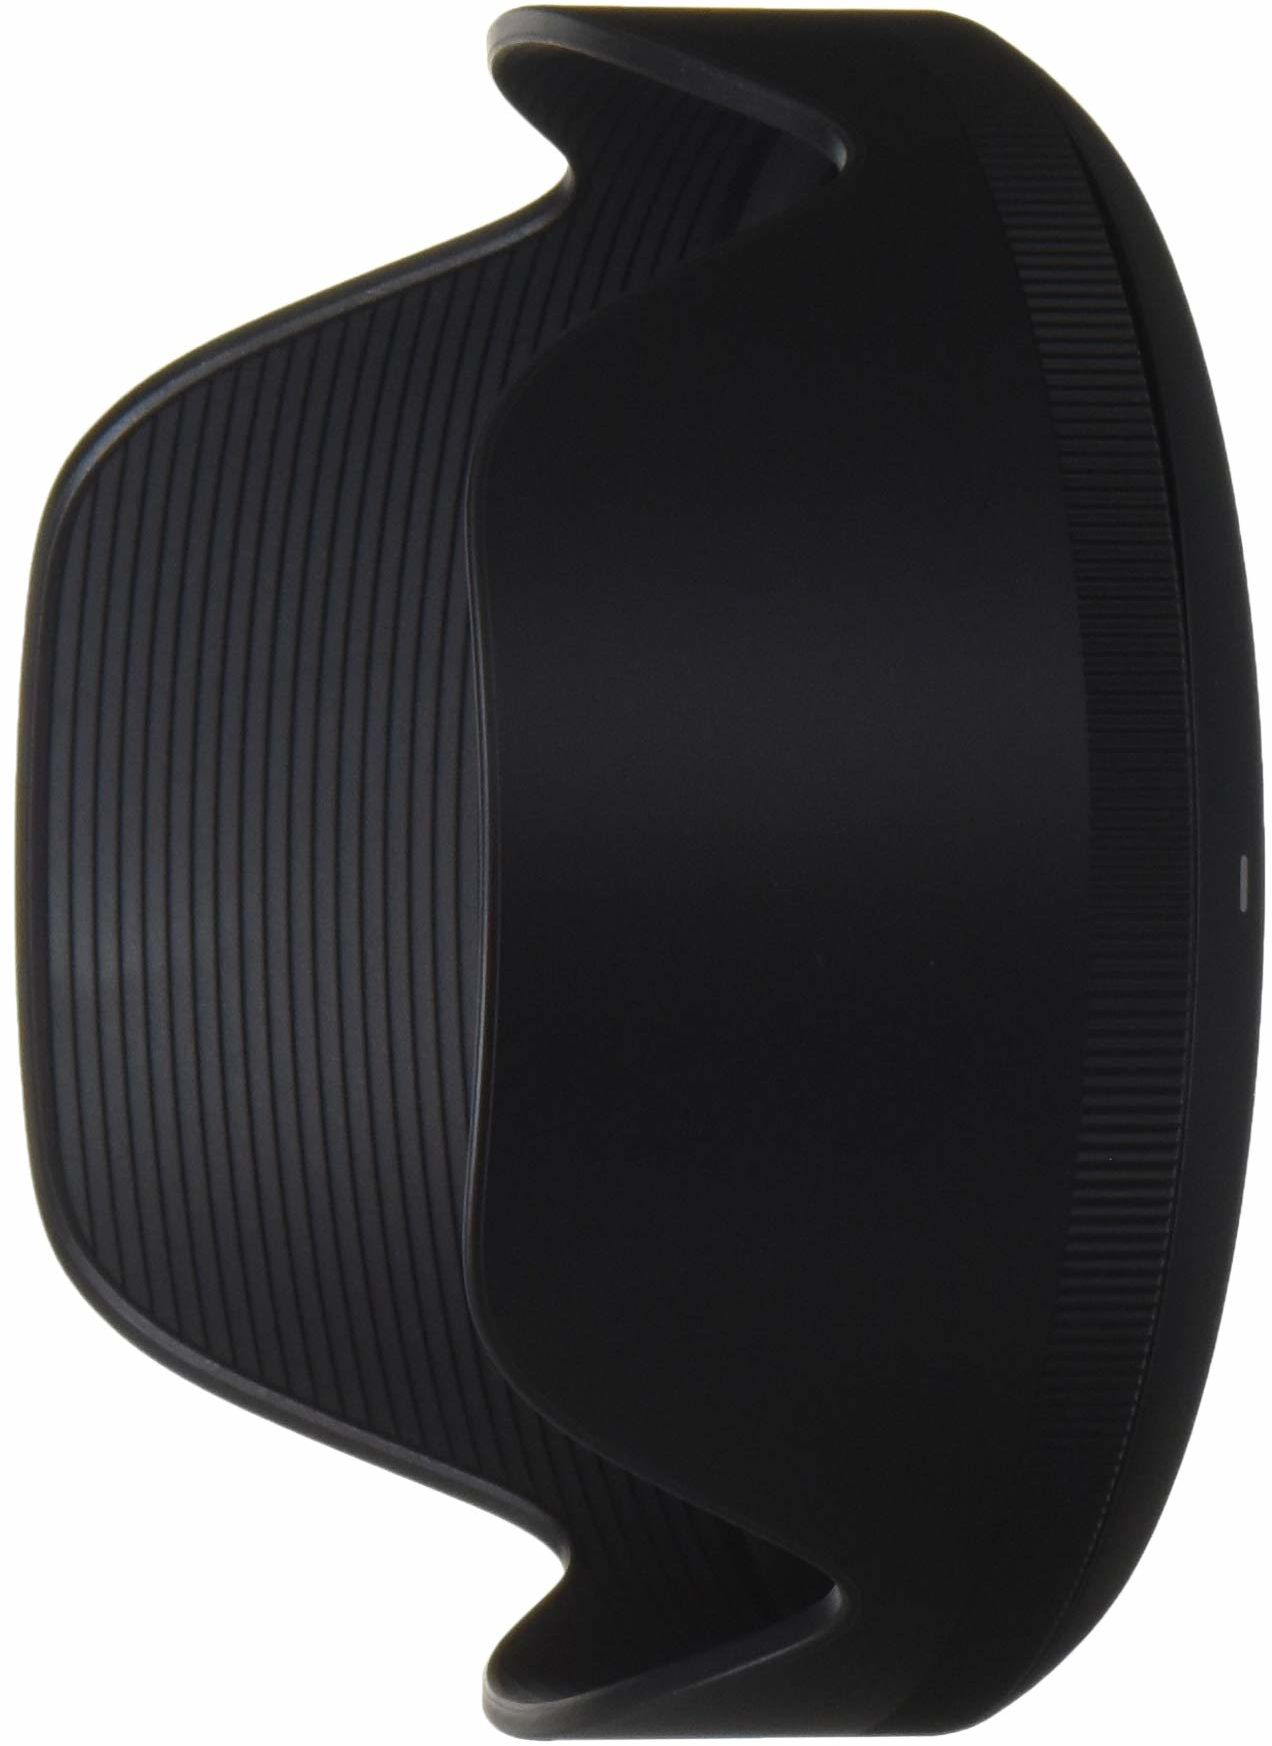 Sigma LH876-02 osłona przeciwsłoneczna (24-105 mm F4,0 do DG OS) czarna